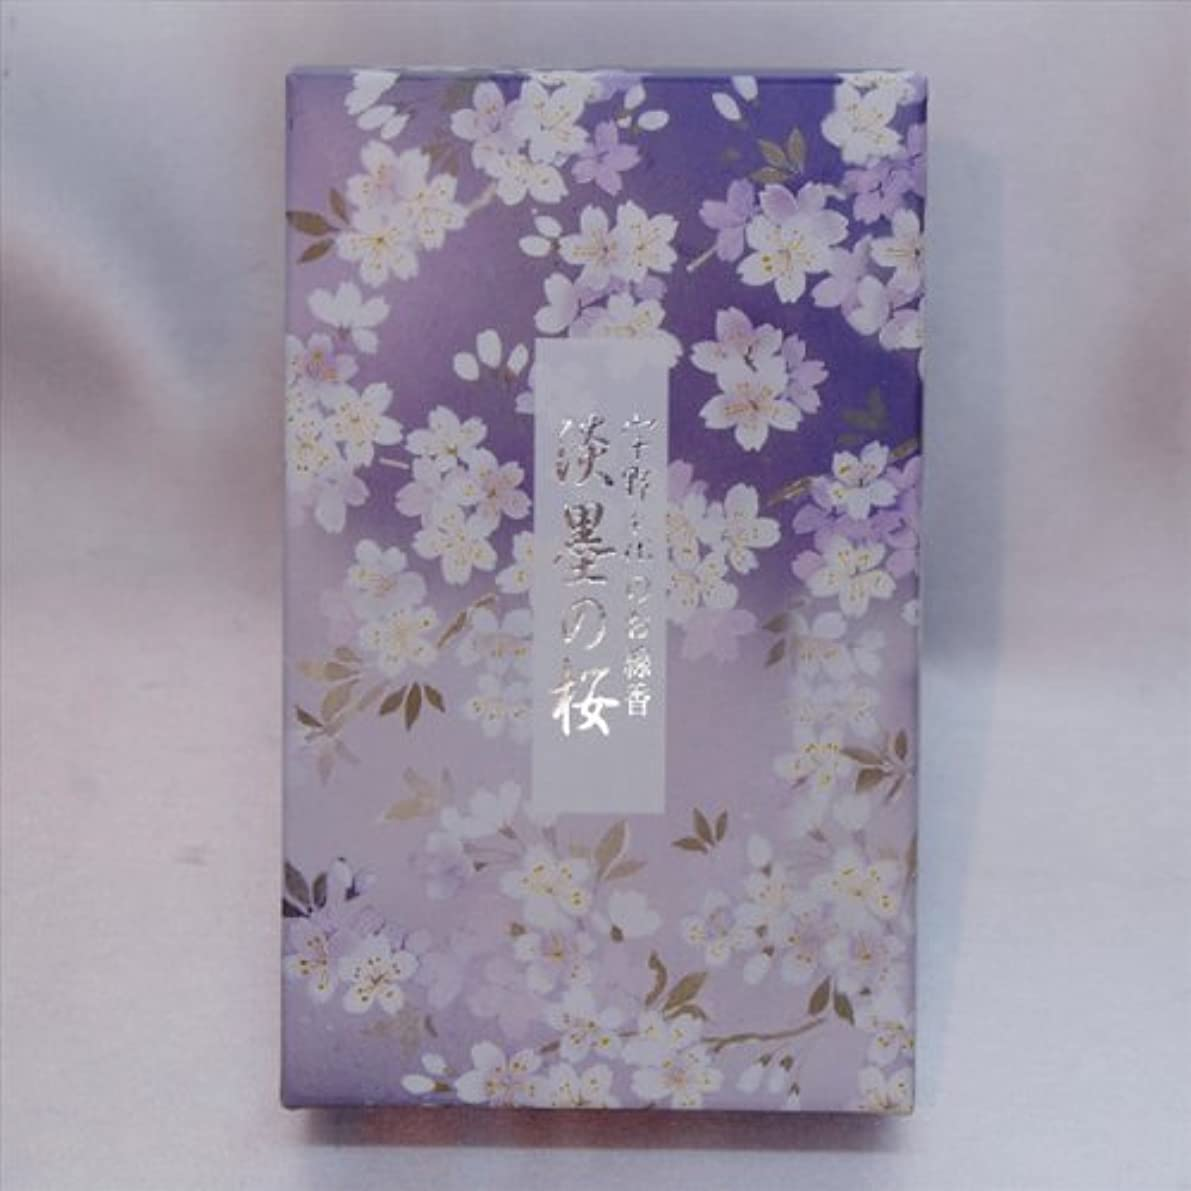 不信資格毒液線香 【淡墨の桜】 煙の少ない お線香 微煙香